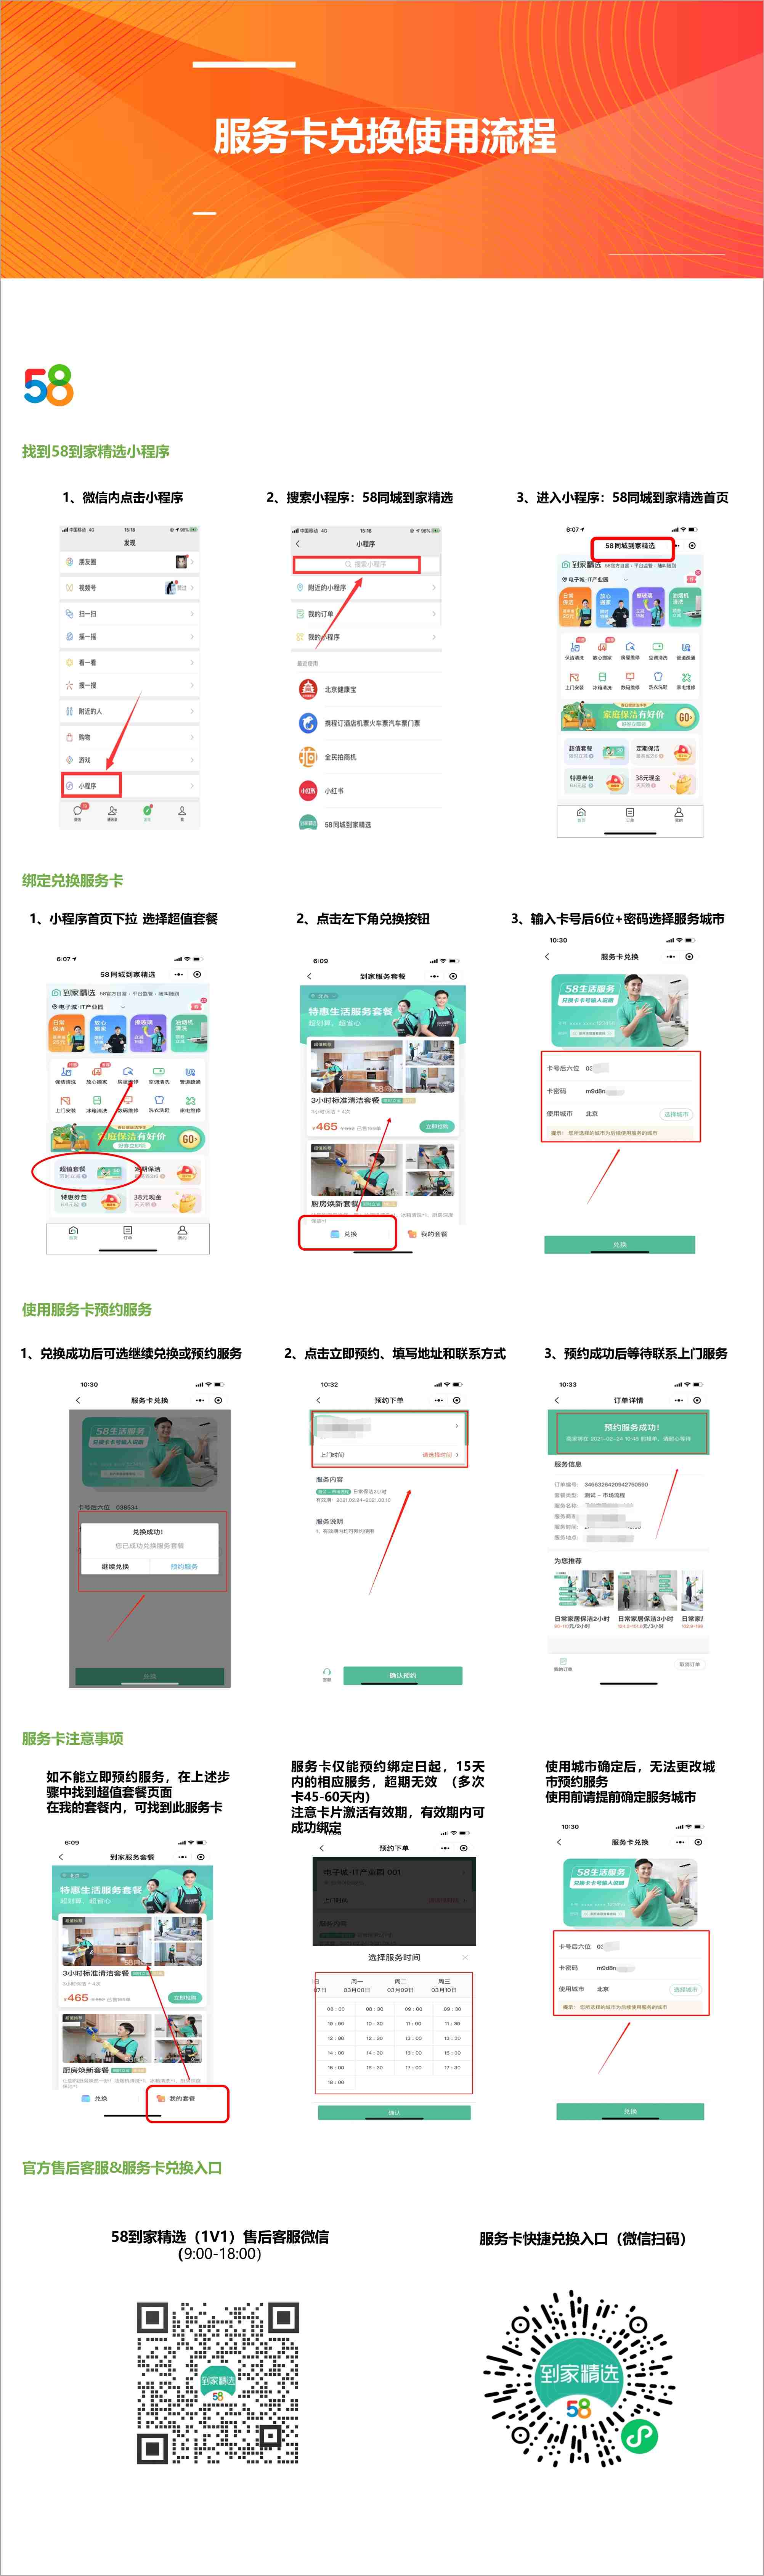 服务卡使用流程_副本.jpg